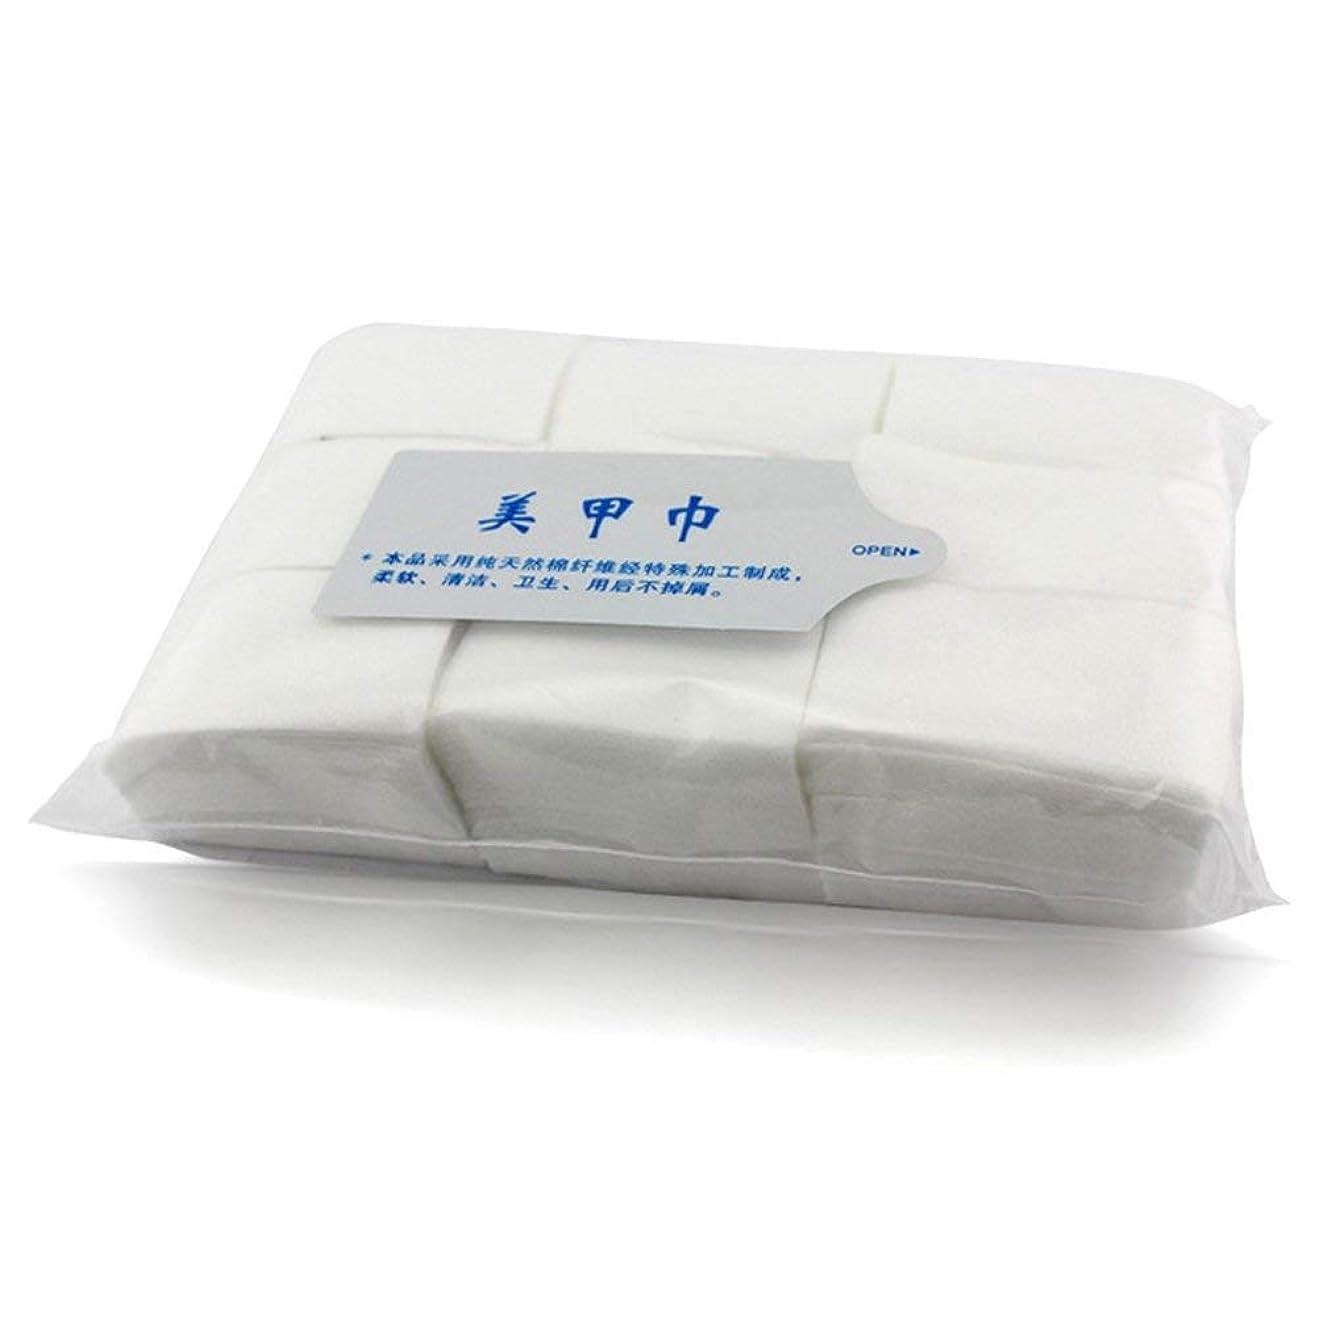 避ける敬の念請負業者ネイルワイプ 天然素材不織布 900枚入り コットン ワイプ/ジェル ネイル マニュキア オフ (2pack)